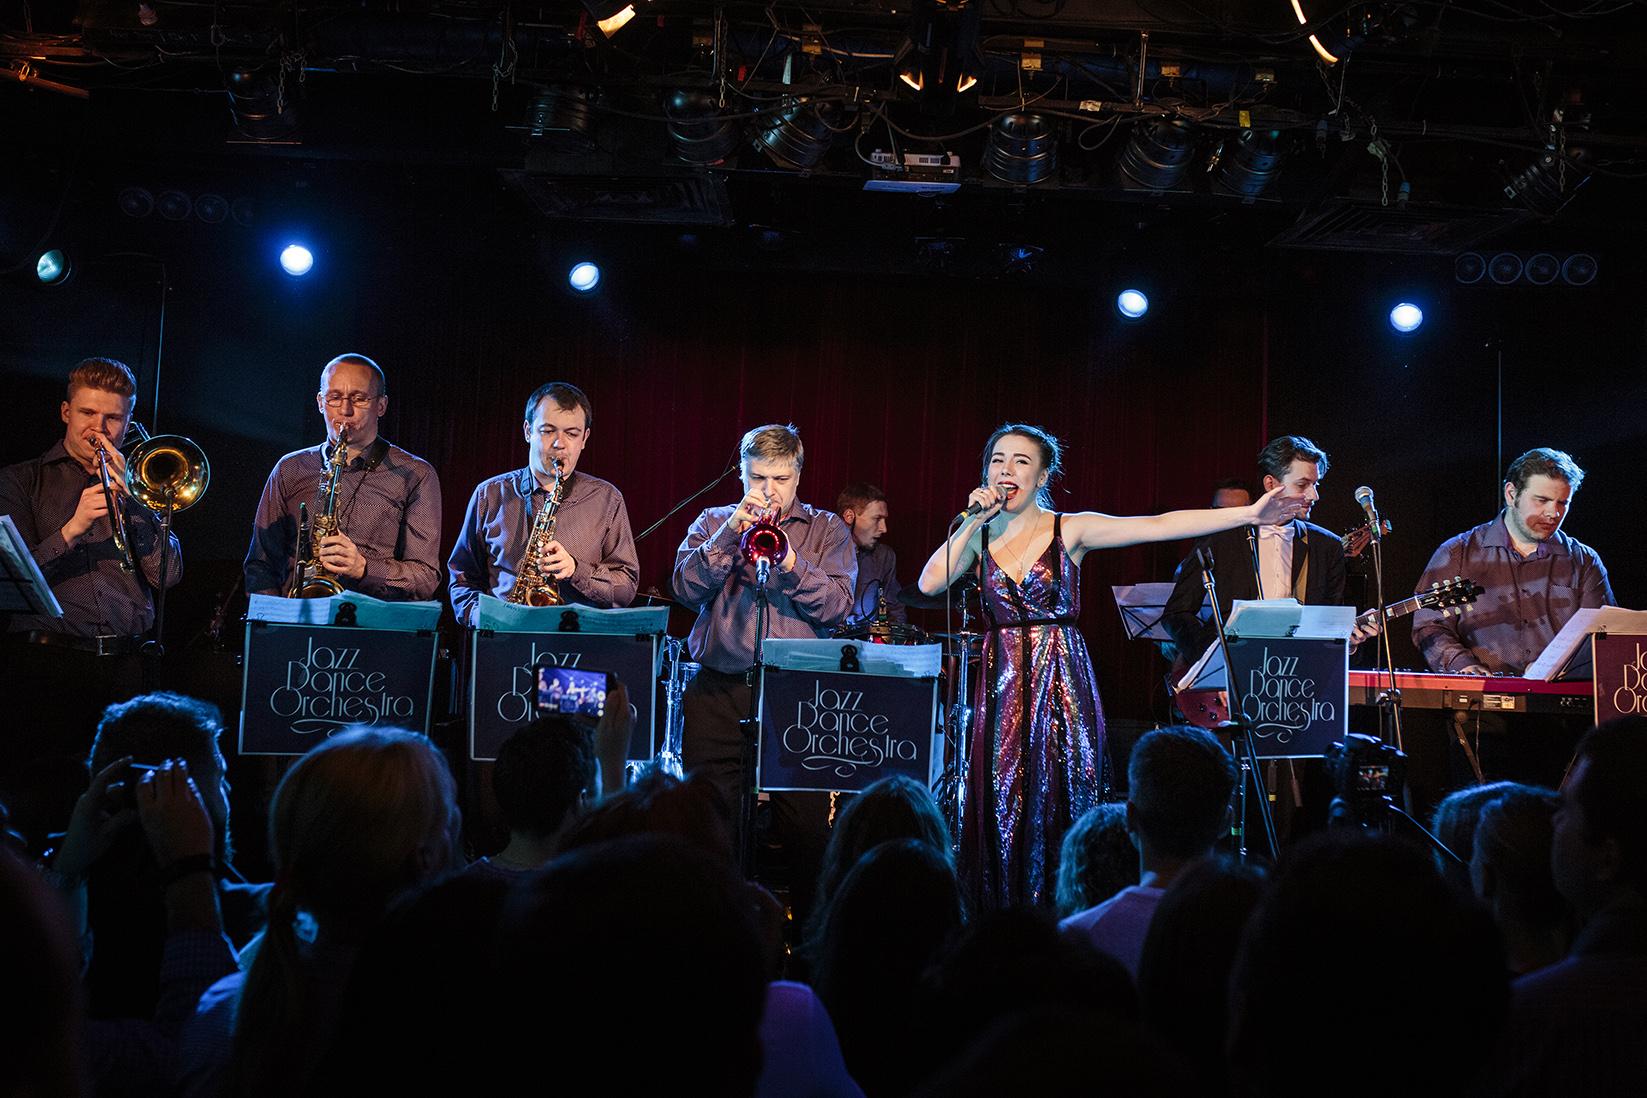 Фото Jazz Dance Orchestra, День Рождения группы